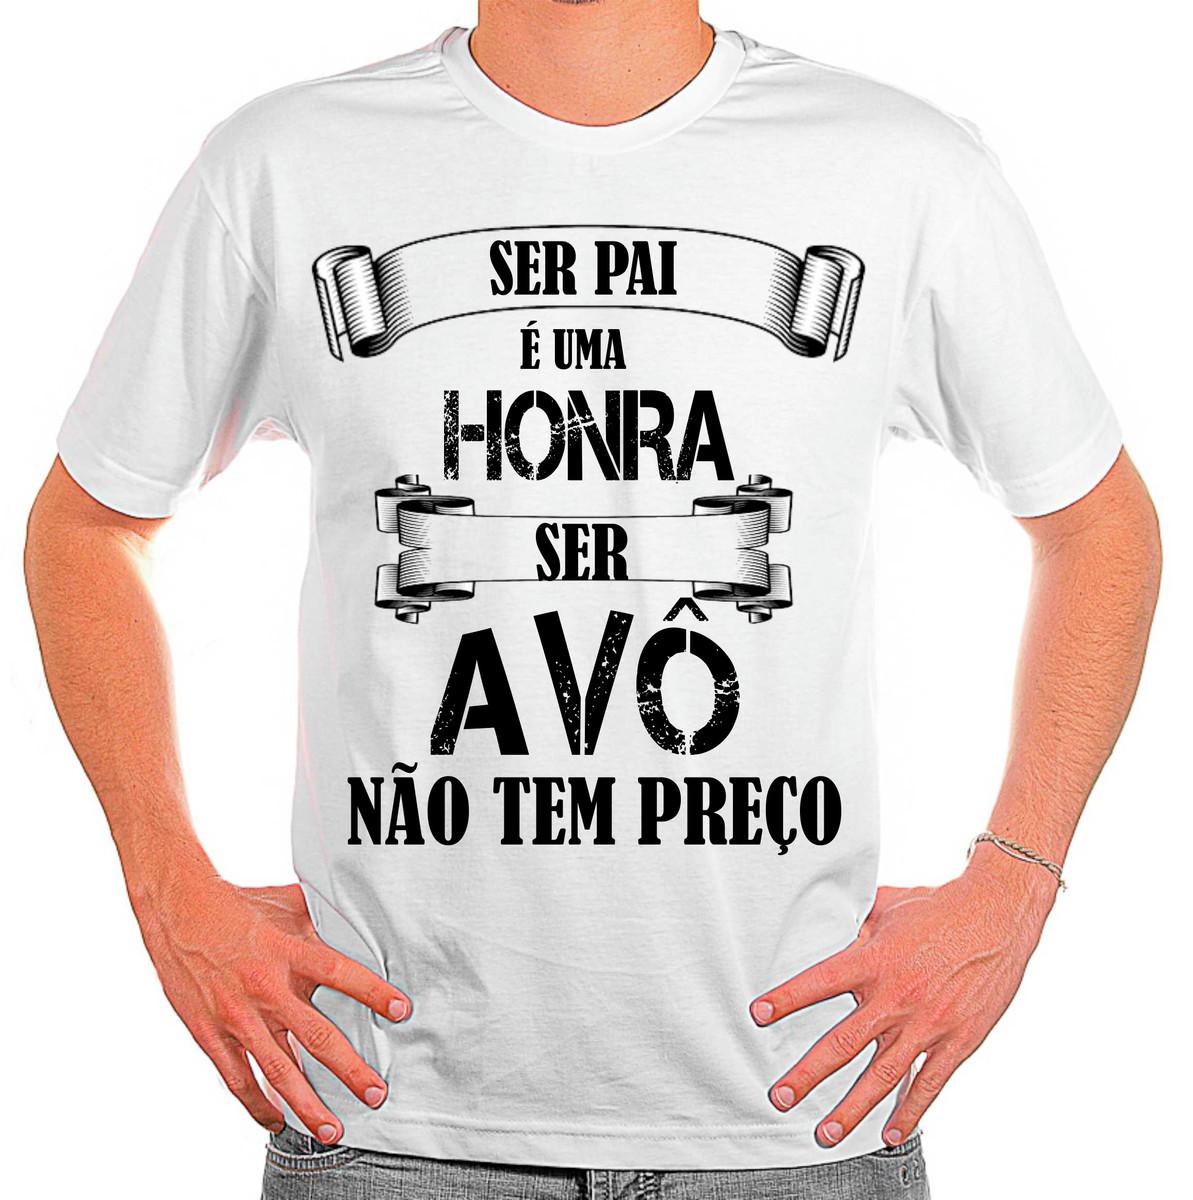 ff3919a6e2 Camiseta Vovô Ser Pai É Uma Honra Ser Avô Não Tem Preço no Elo7 ...